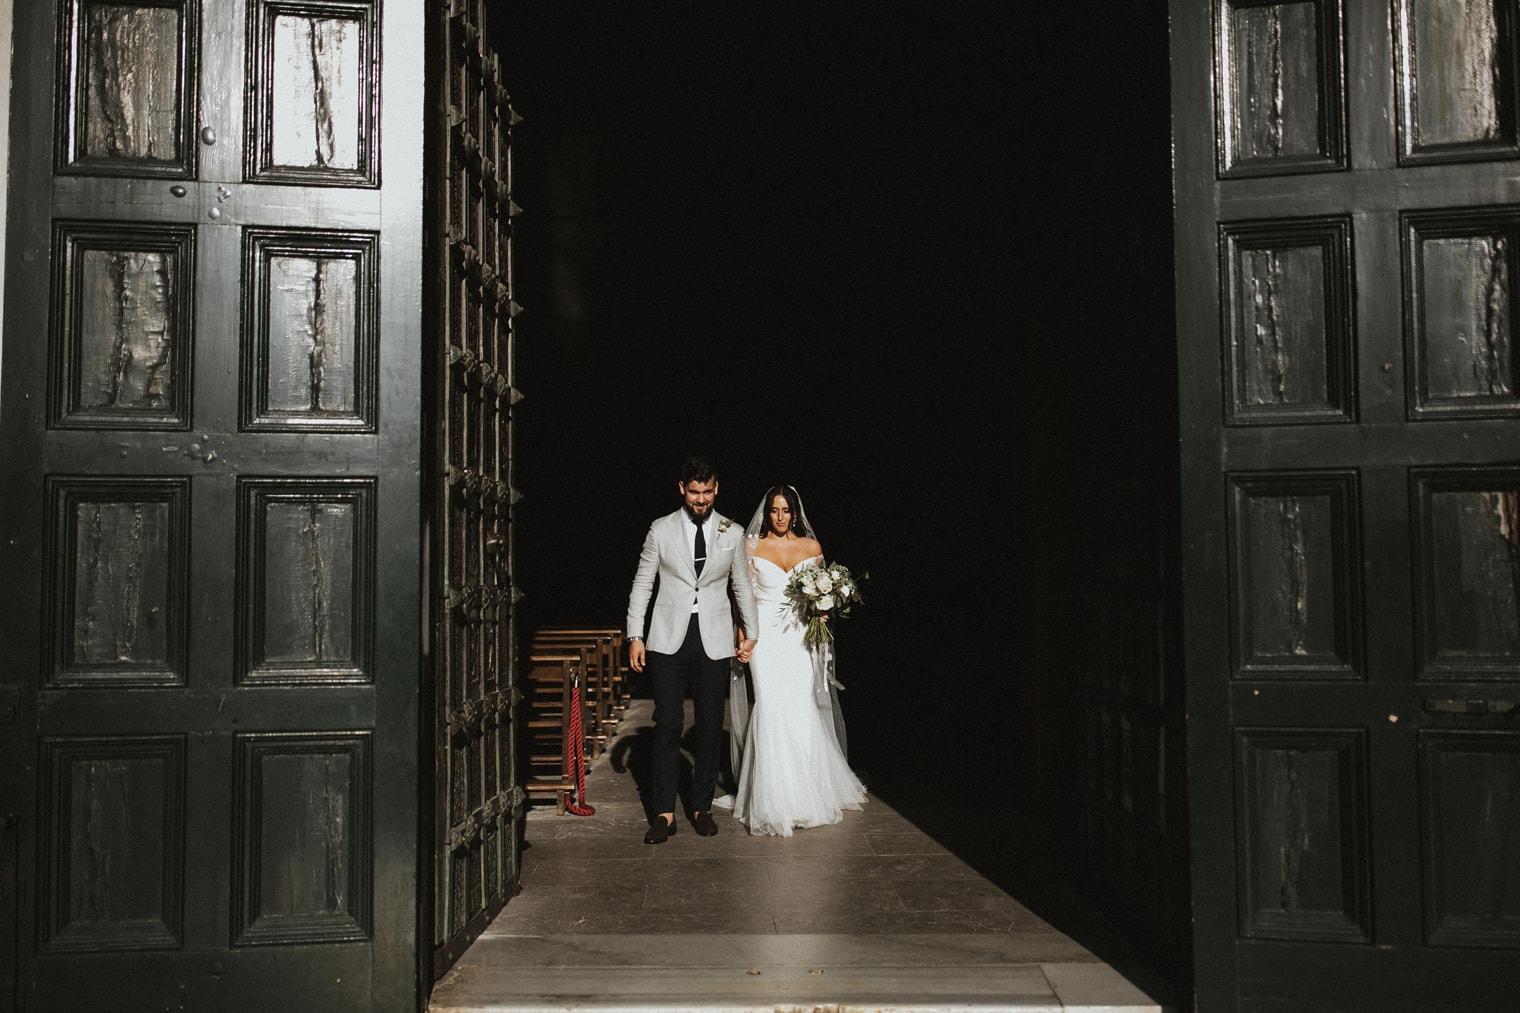 Amalfi Coast Wedding in Ravello at the Duomo Ravello